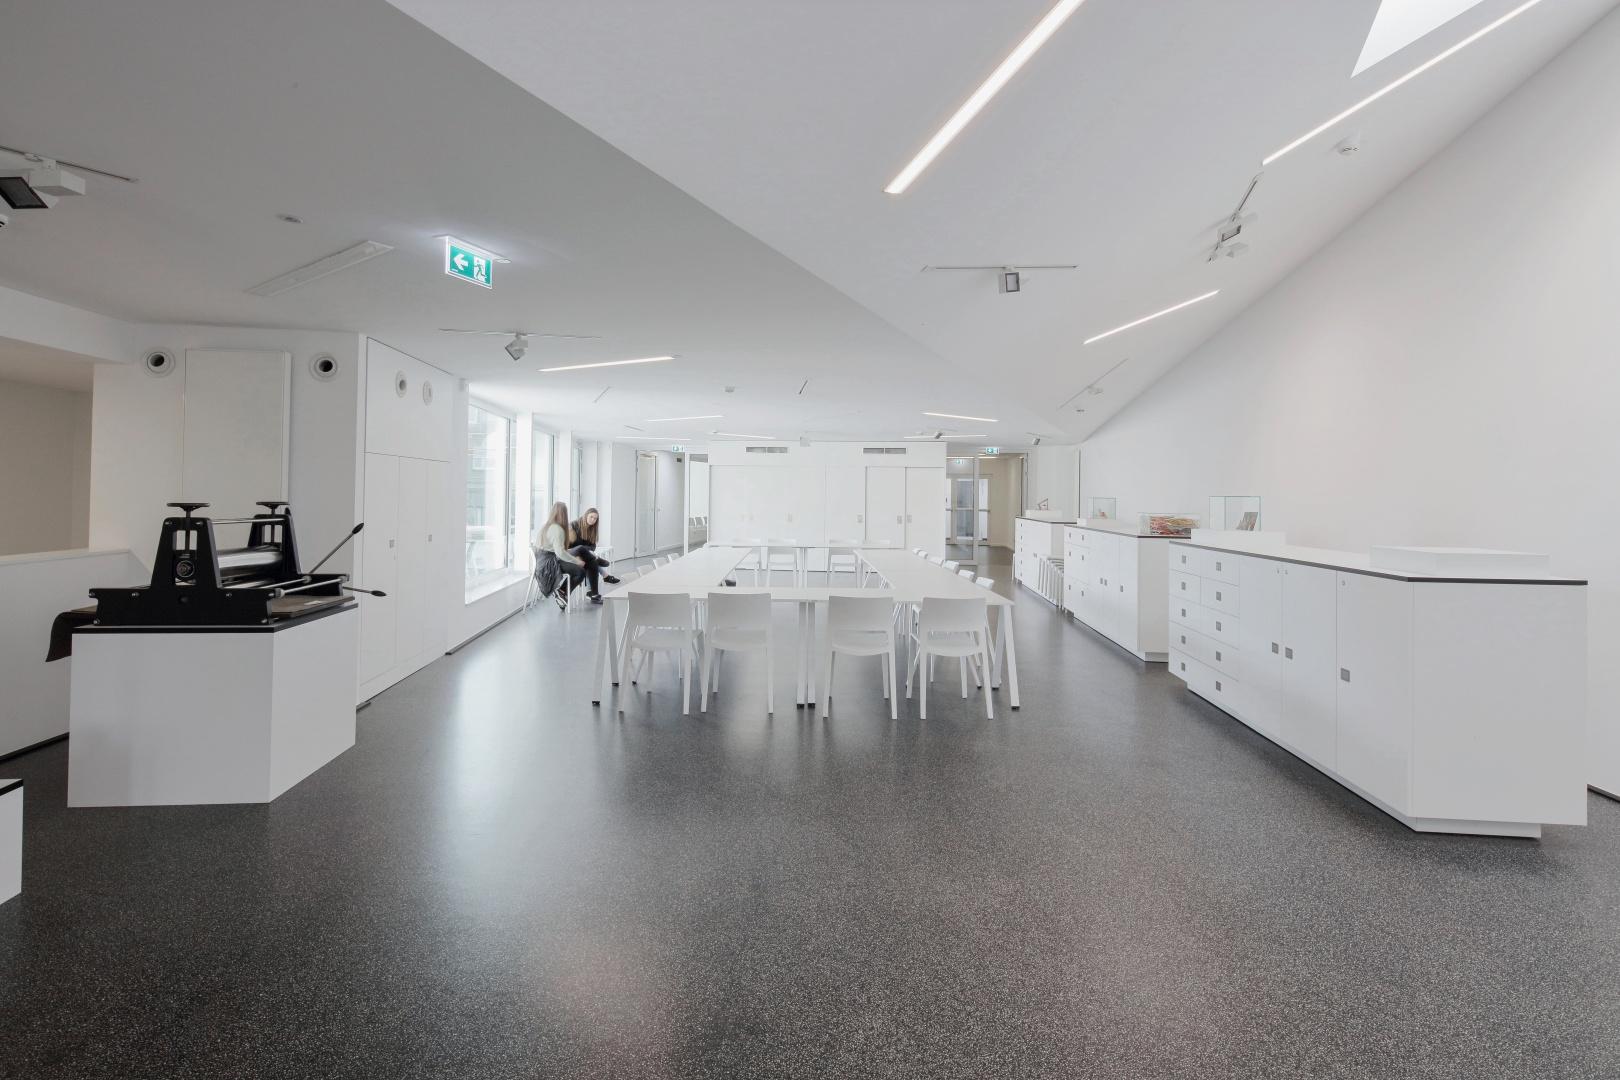 Der Seminarraum im Obergeschoss: Die Glasfassade mündet  auf eine Dachterrasse. Die Kommodenschränke wurden bewusst gewählt, um die Wandschrägen rechts zur Geltung zu bringen. © Usta